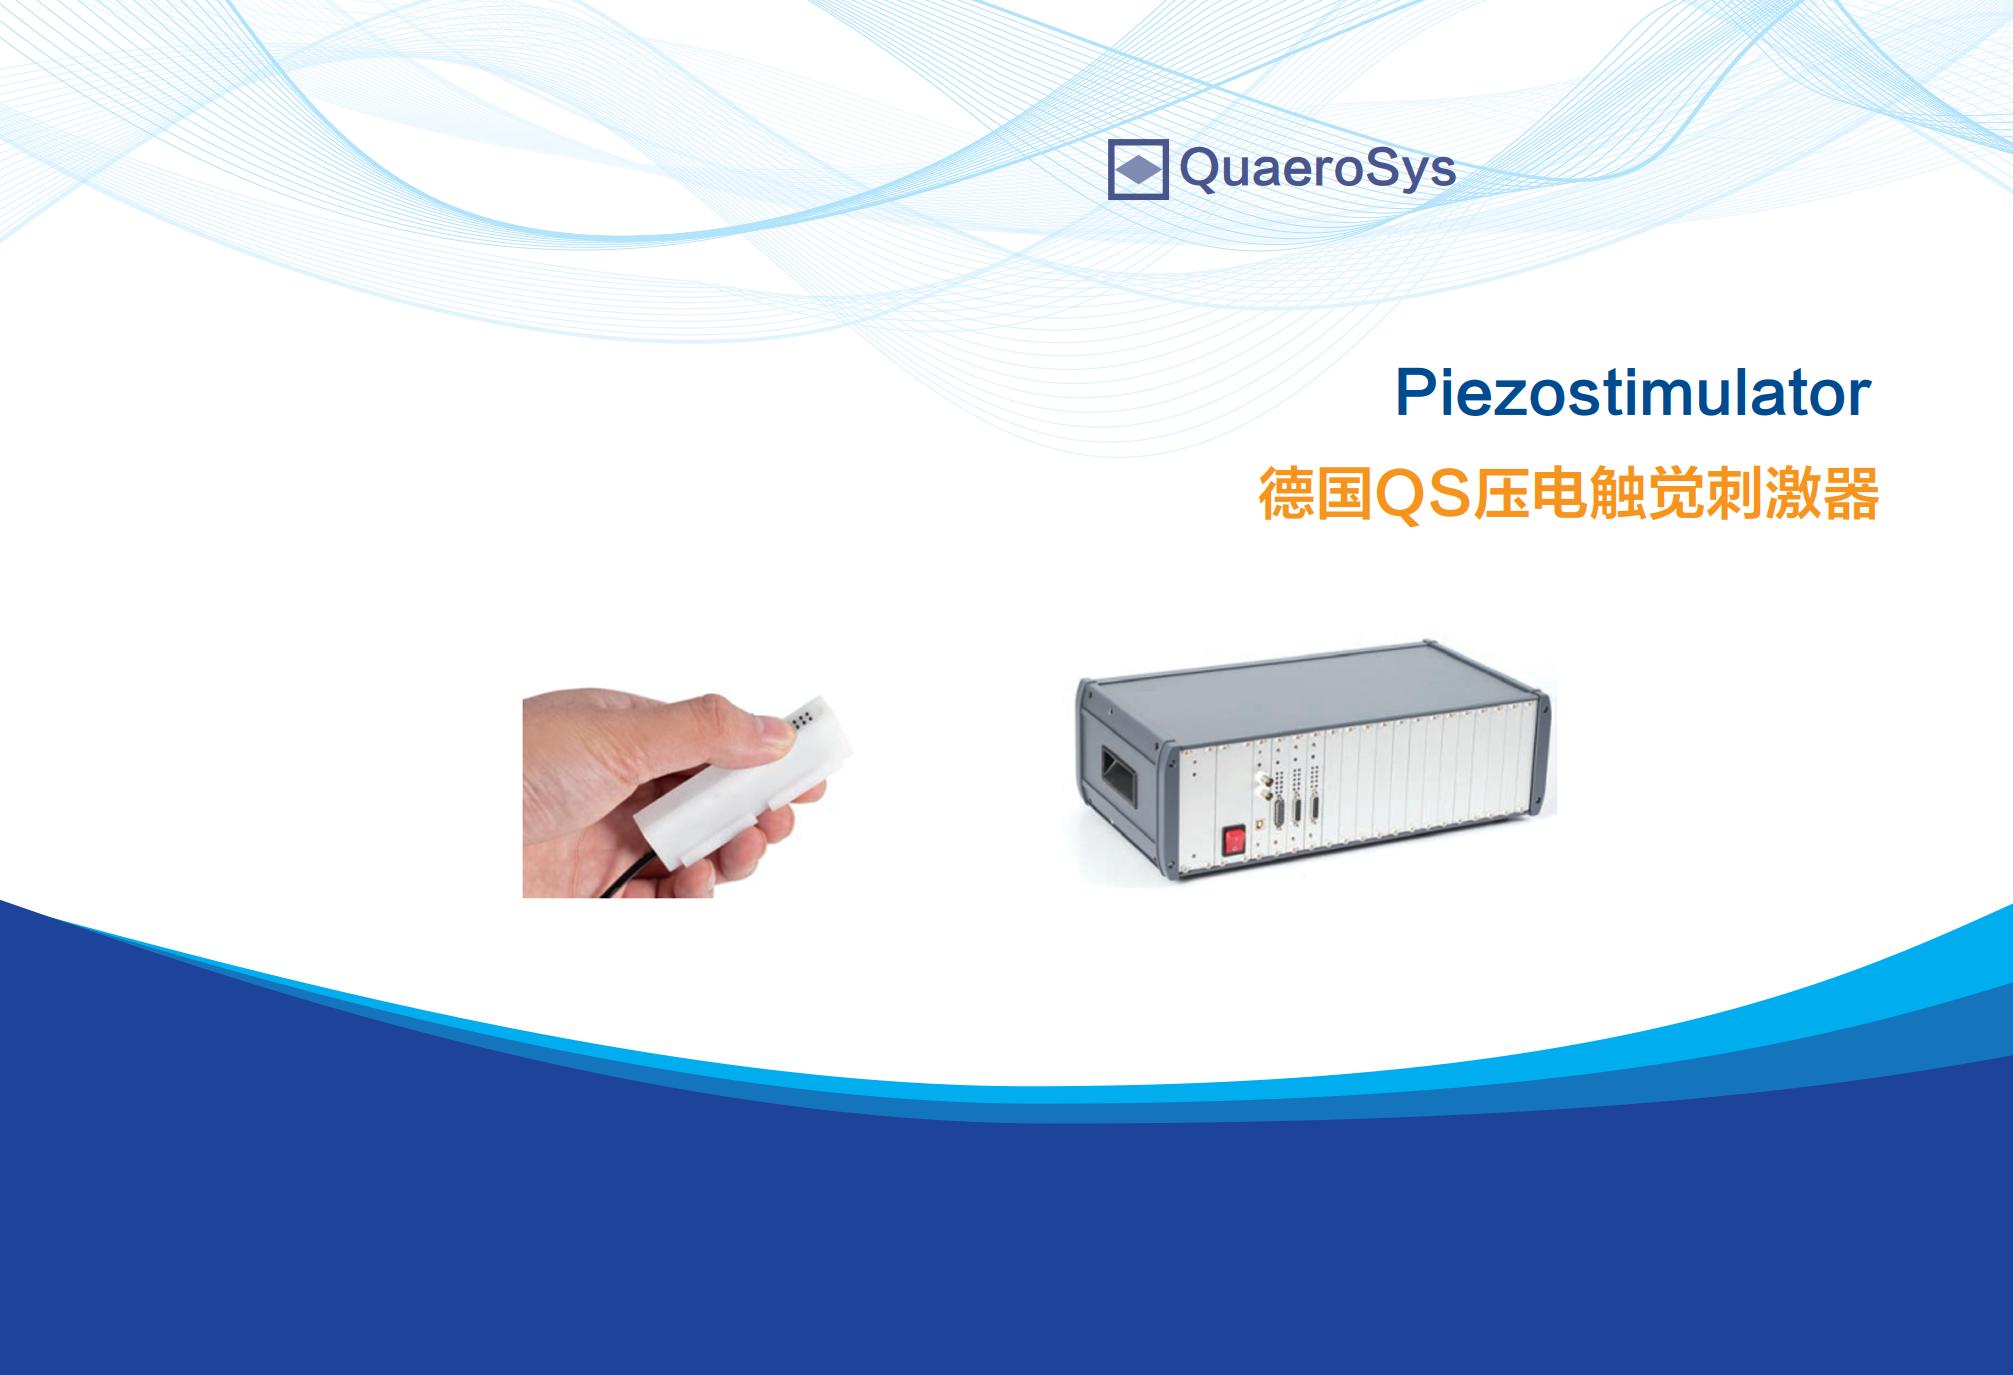 QS壓電觸覺刺激器